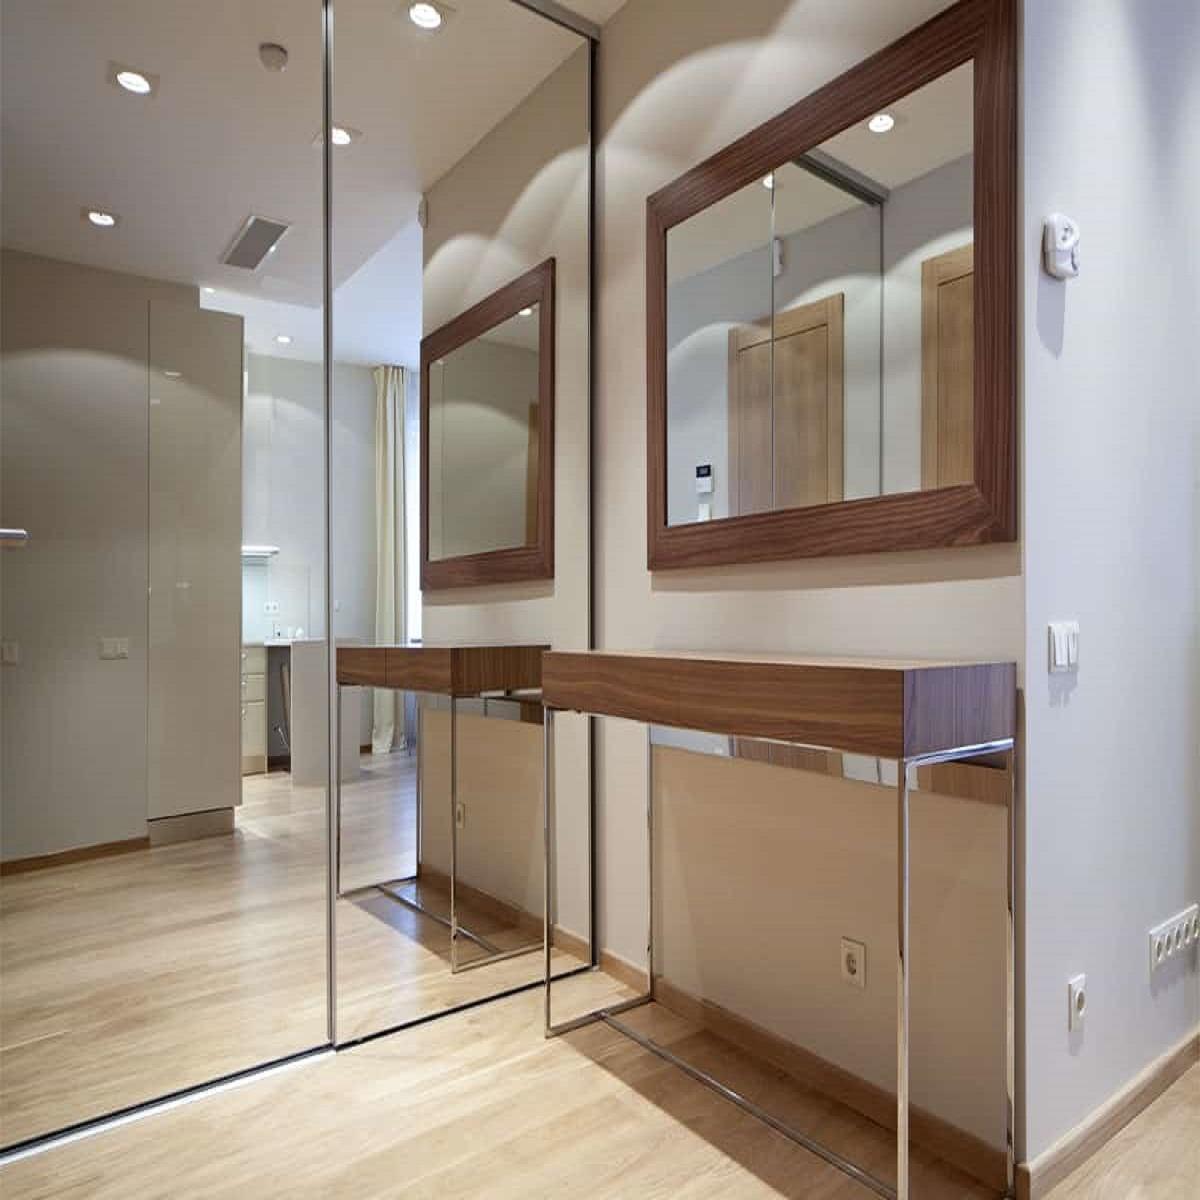 Ingrandire casa con gli specchi: 10 idee e foto